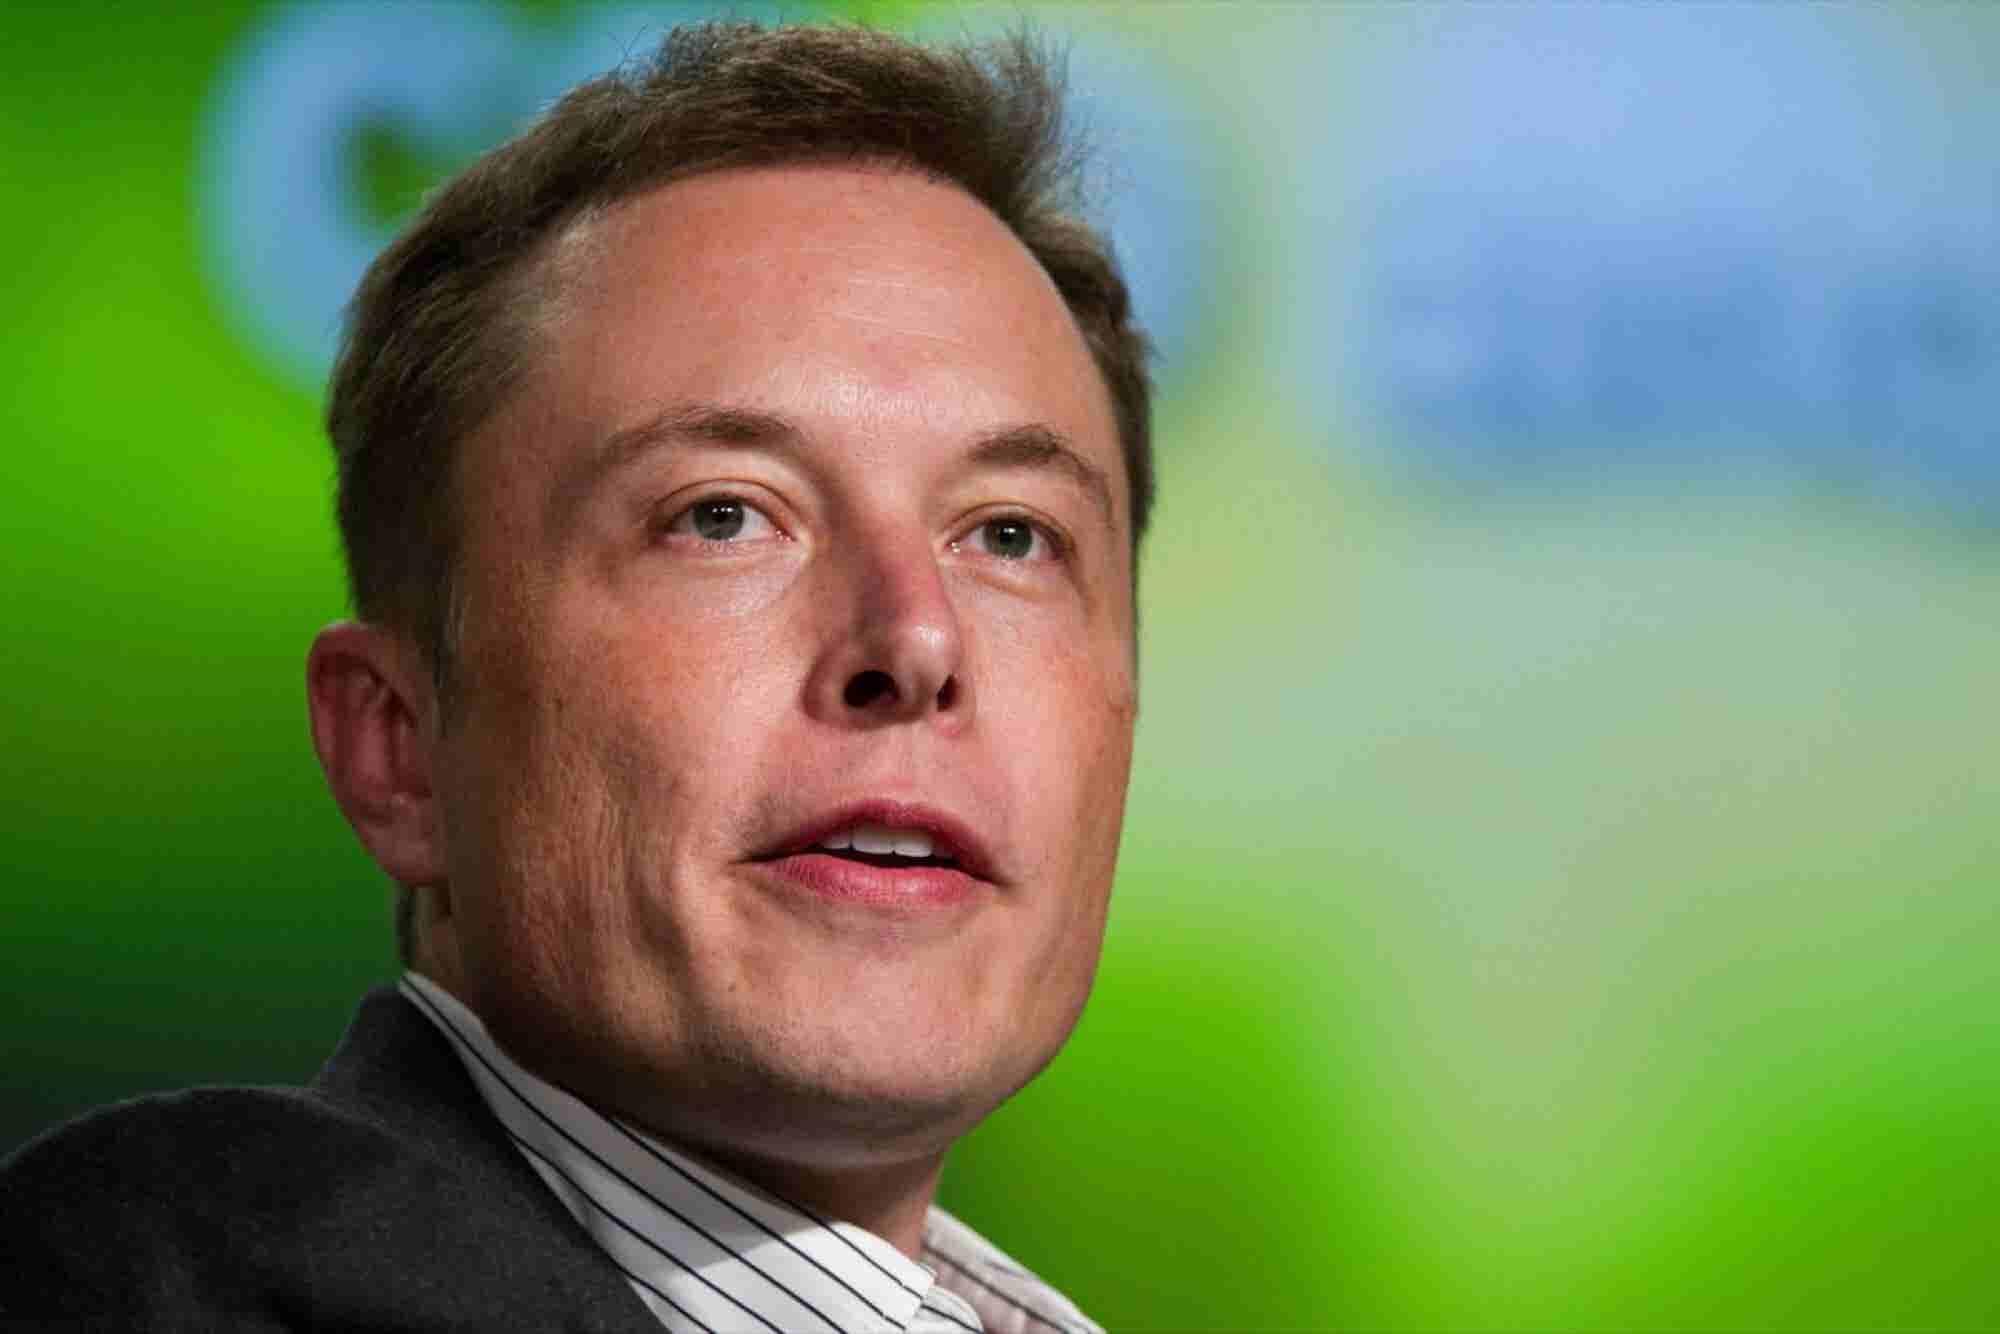 What Do Elon Musk, Oprah Winfrey, Warren Buffett and Other Business Ti...